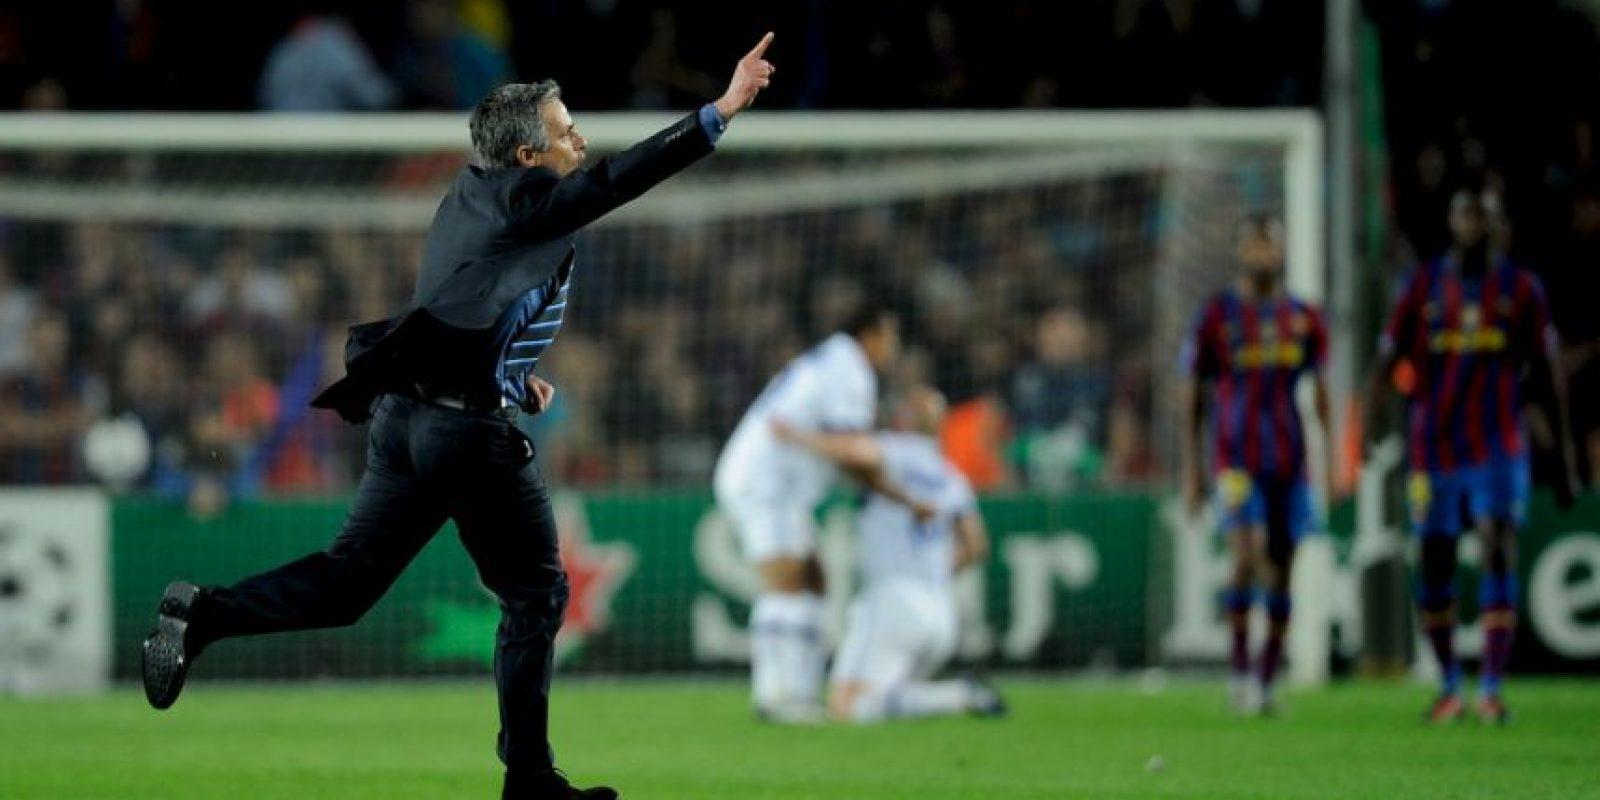 """El siguiente episodio se vivió con Mourinho al mando del Inter de Milán y Pep Guardiola, al frente del Barça. En semifinales de la Champions League, los """"neroazurri"""" se impusieron 3-1 en la ida, pero en el Camp Nou, implantaron un sistema defensivo que les permitió clasificar a la final al perder 1-0. Foto:Getty Images"""